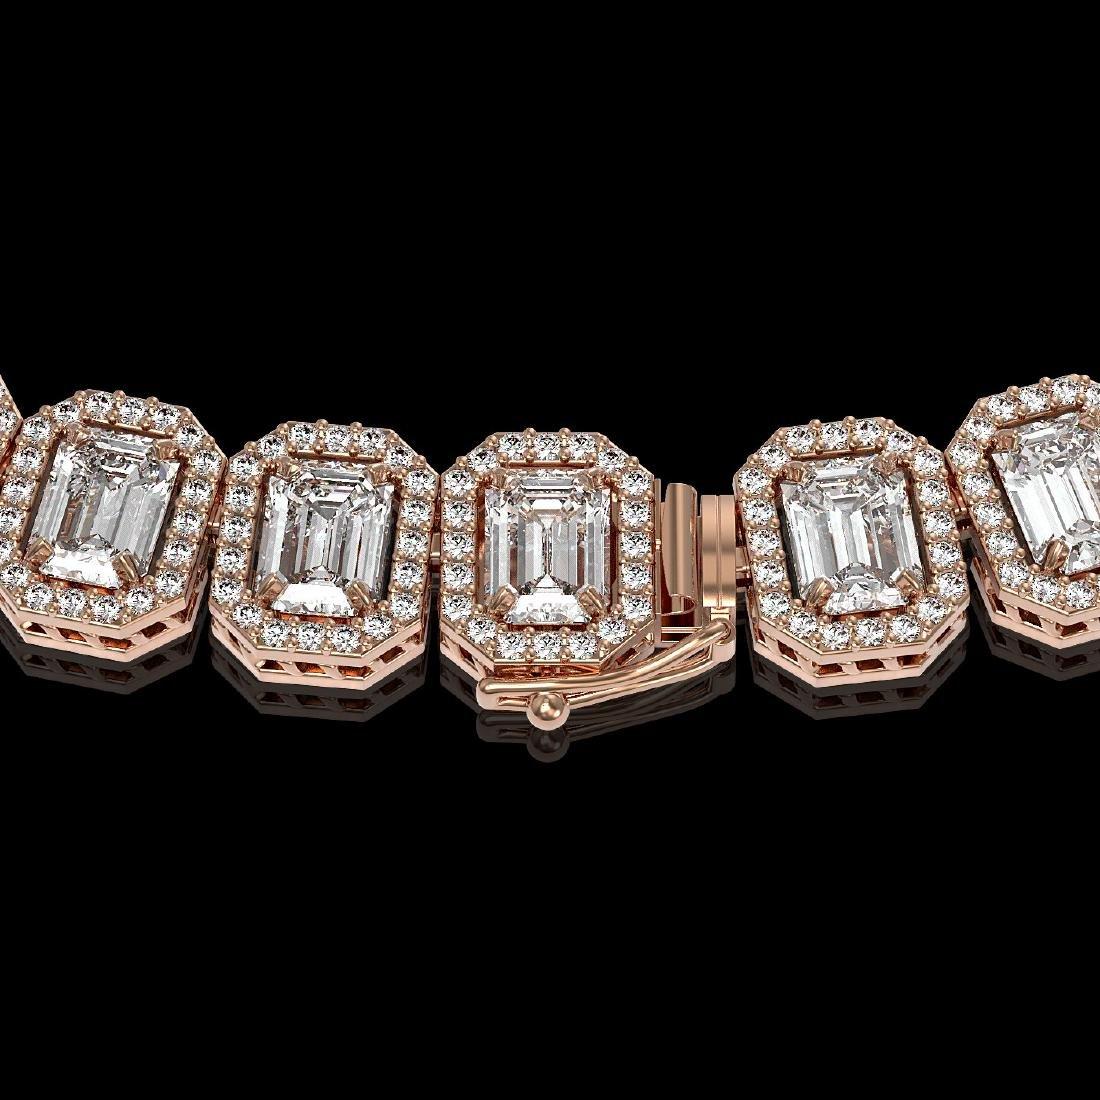 40.3 CTW Emerald Cut Diamond Designer Necklace 18K Rose - 3